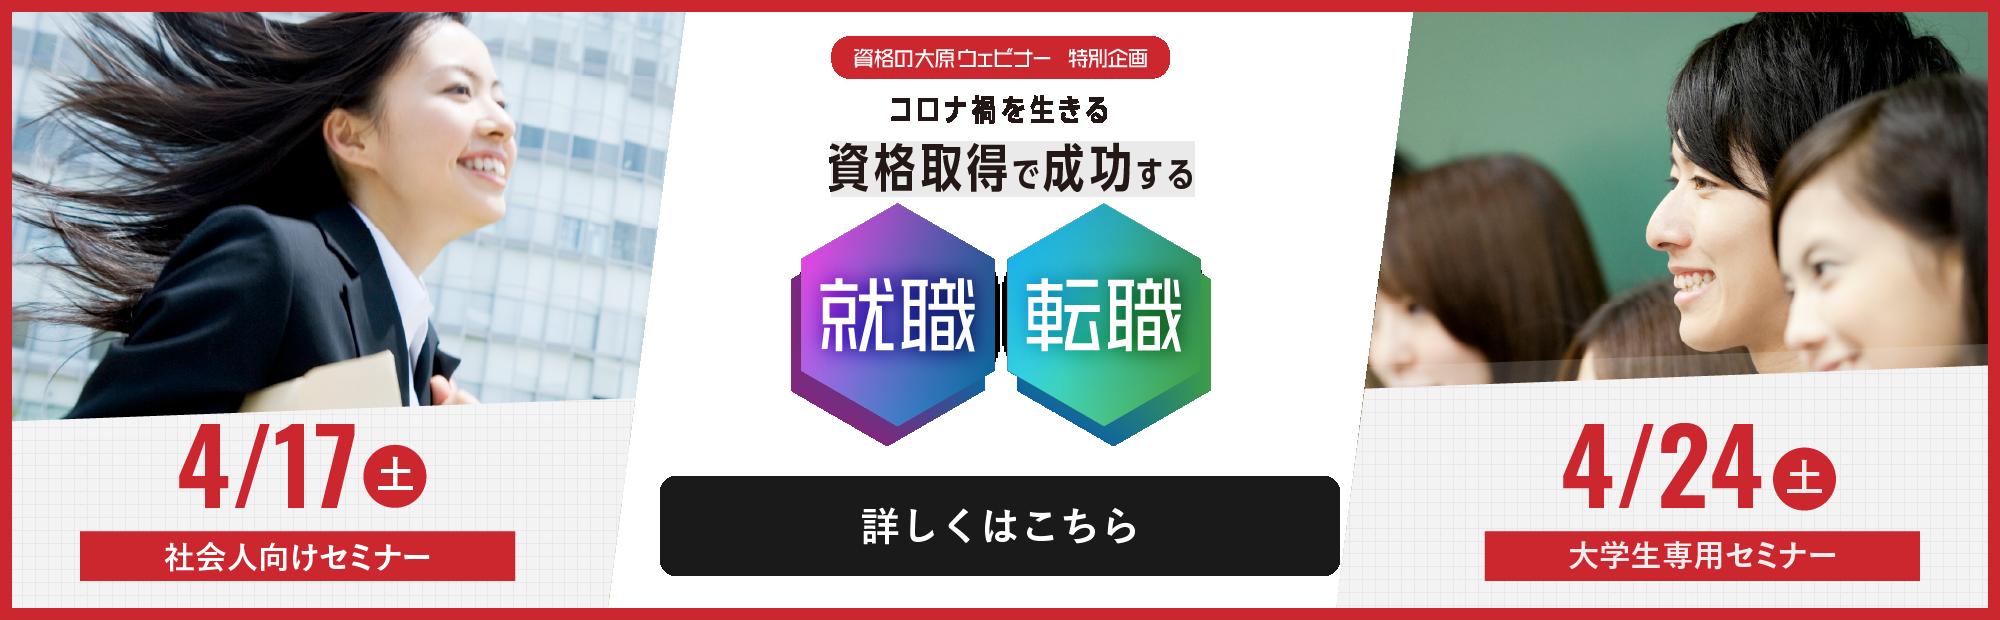 医療福祉保育スペシャルイベントデイ